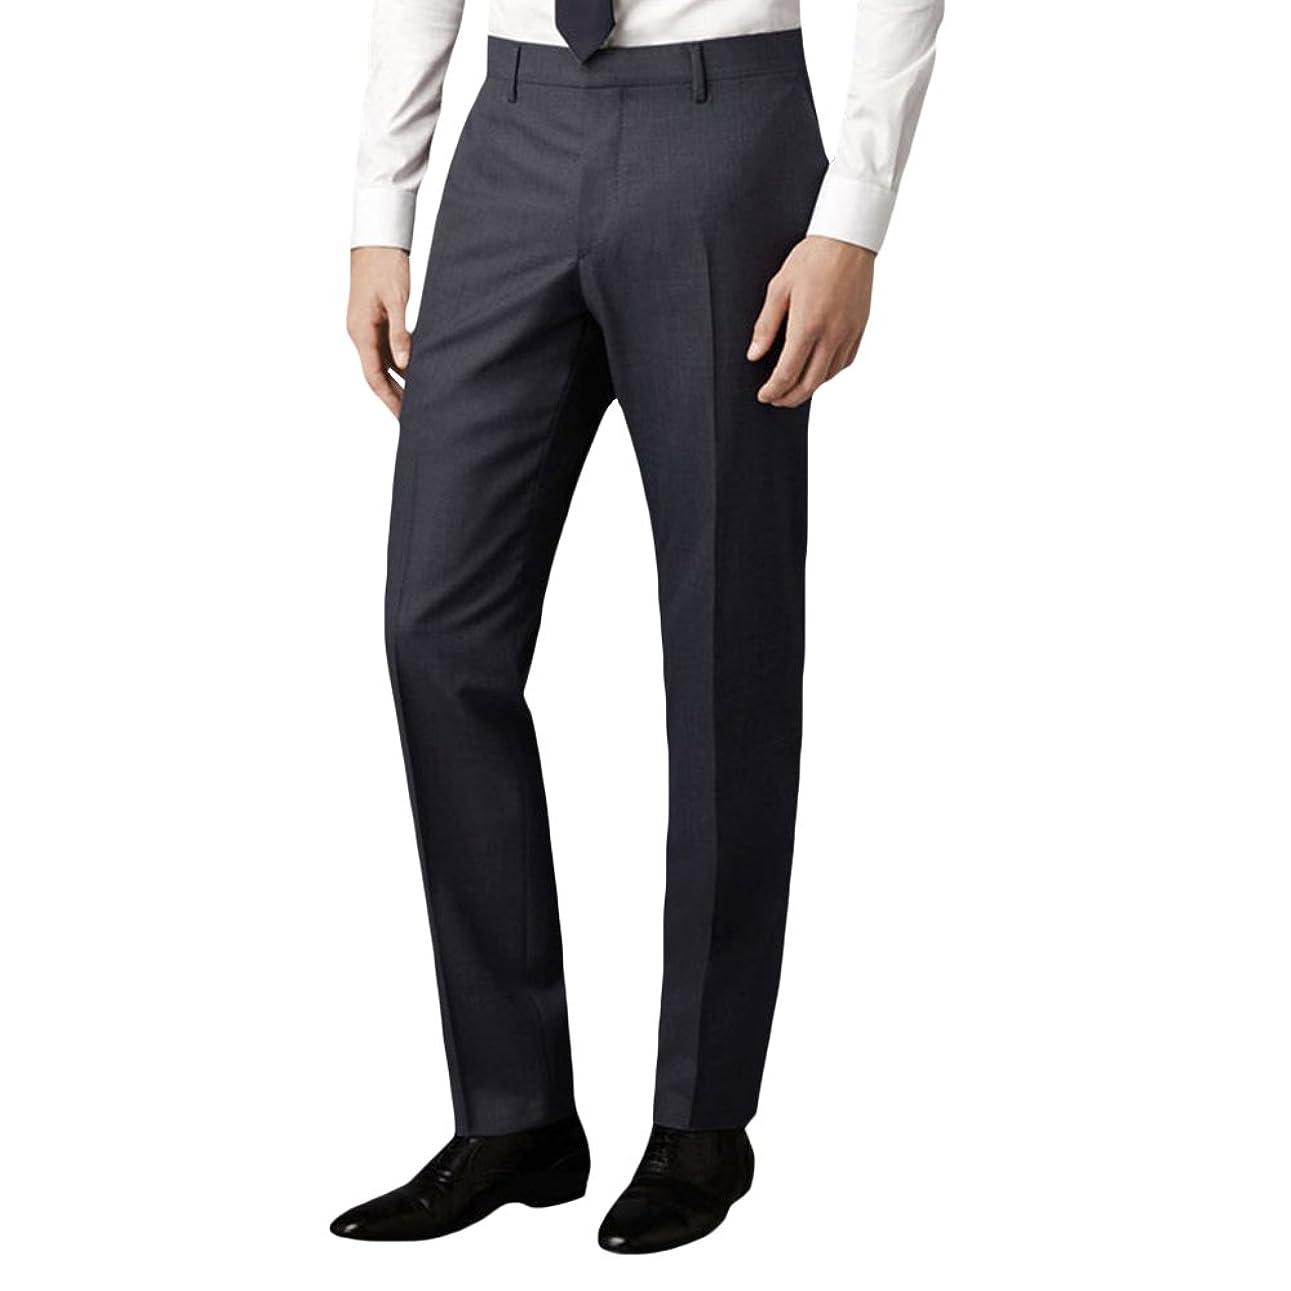 問い合わせる小切手大胆なビジネススラックス メンズ スリム 光沢 美脚 通勤 ロングパンツ ノータック ストレート 仕事着 オールシーズン